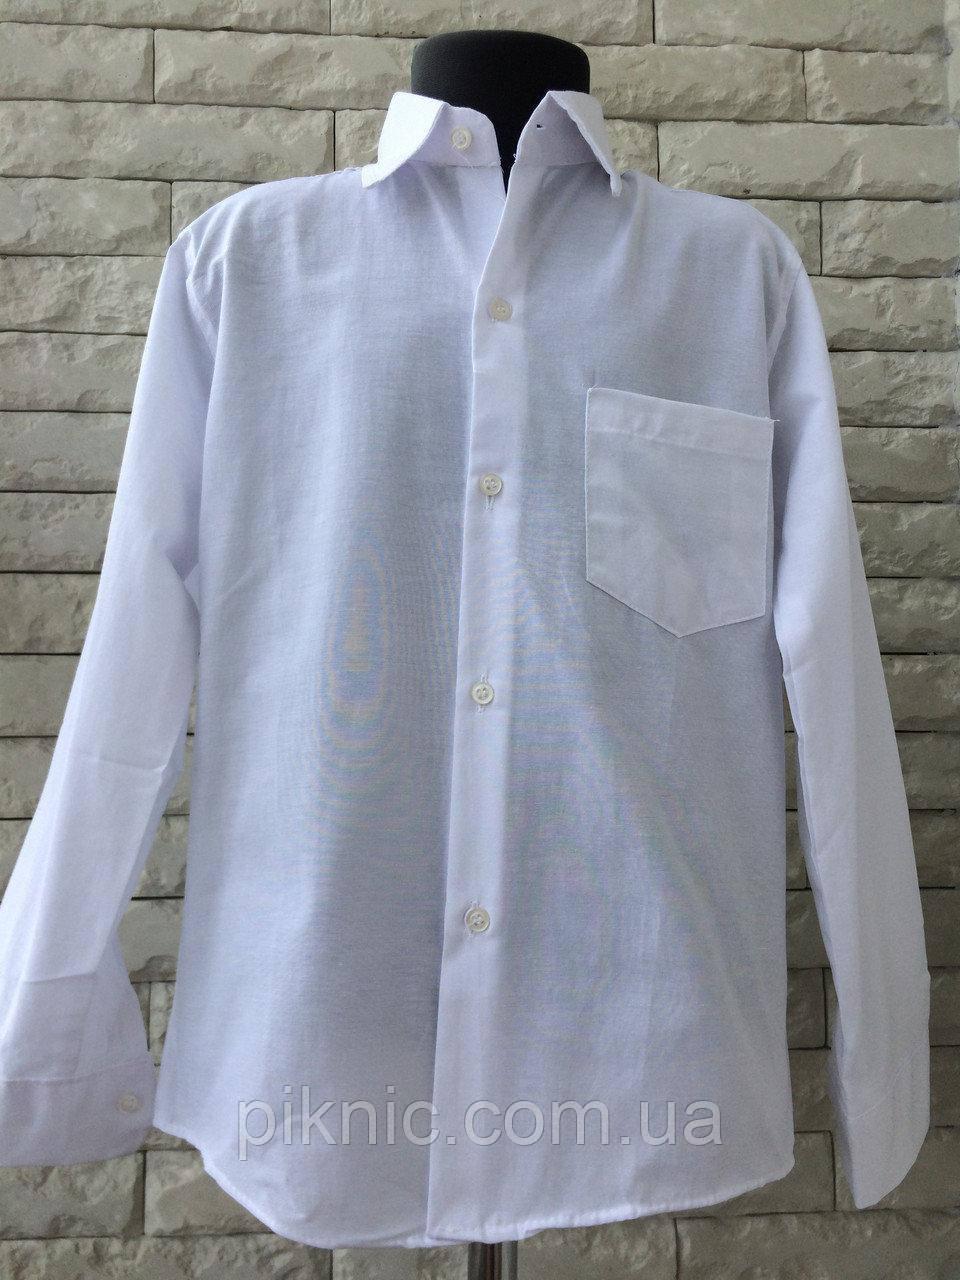 Рубашка школьная для мальчиков 11 лет. Длинный рукав, детская, Турция. Белая